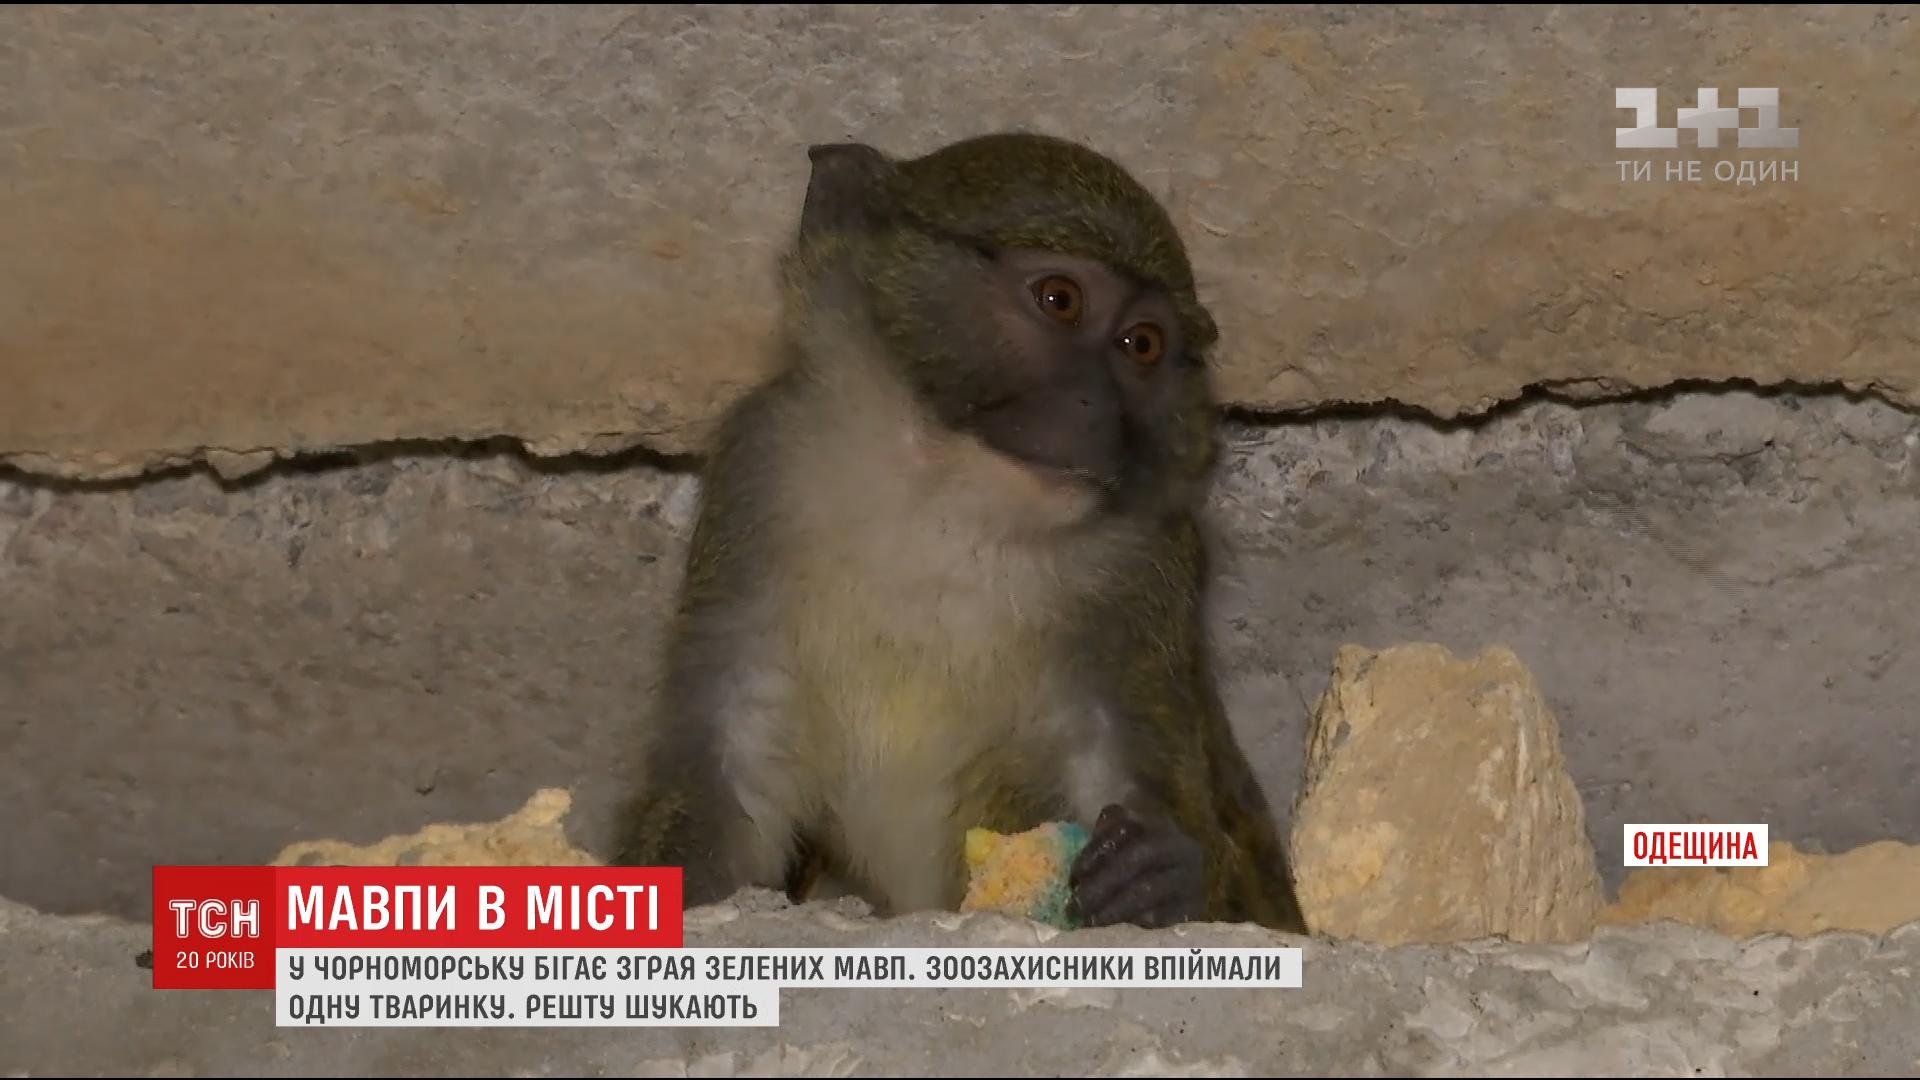 В Черноморске заметили диких зеленых мартышек / скриншот